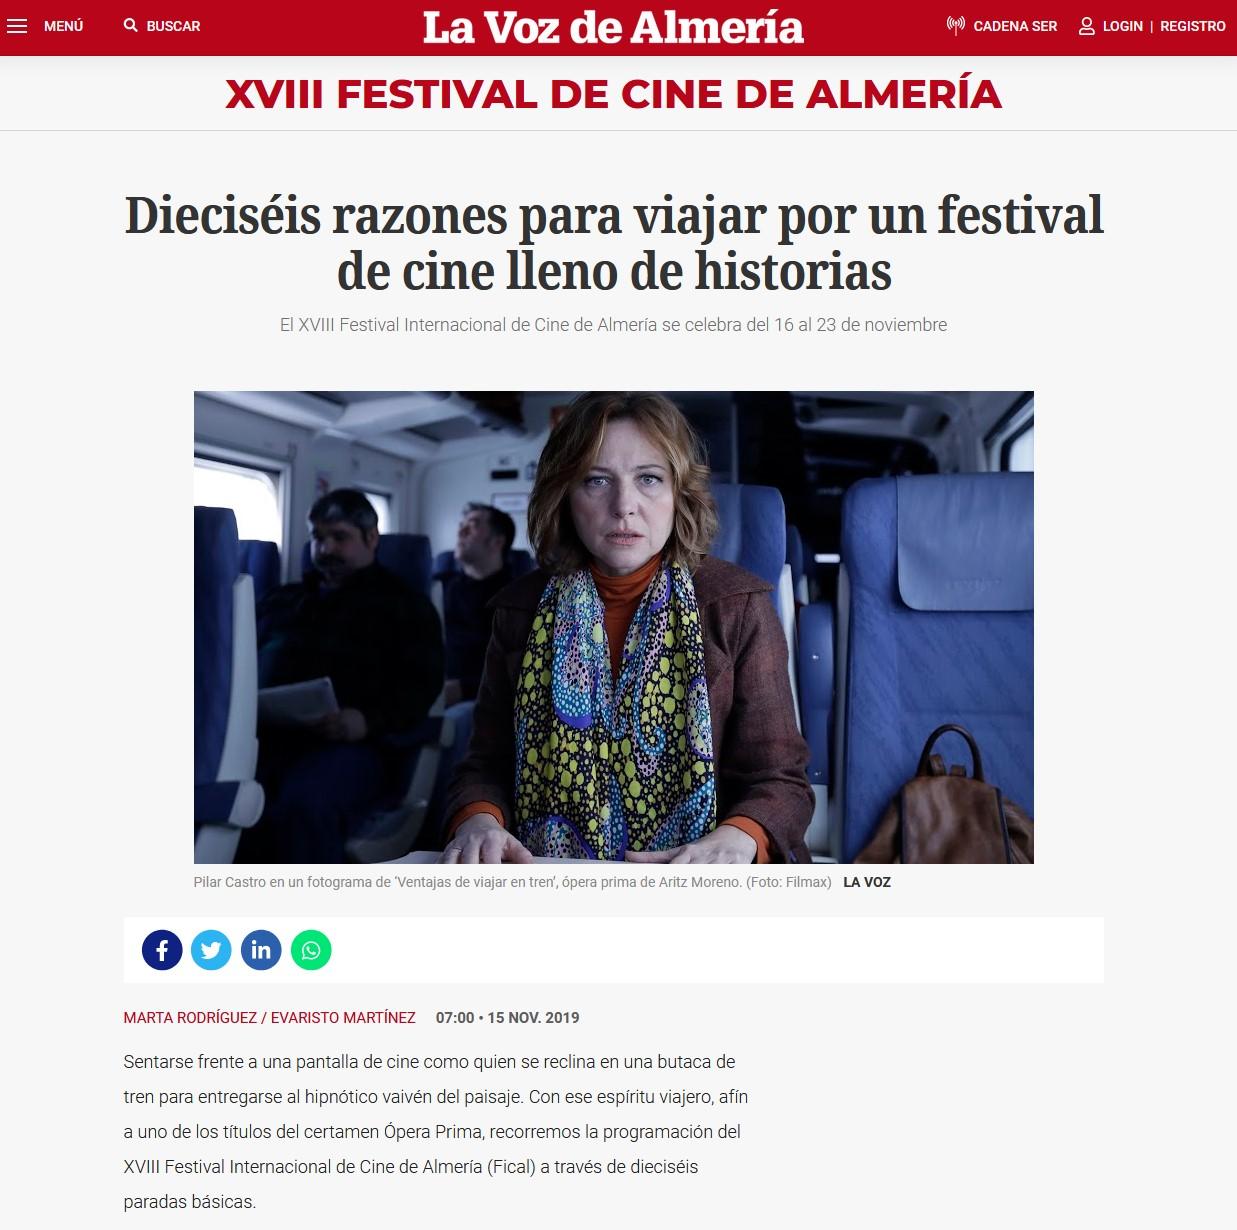 Dieciséis razones para viajar por un festival de cine lleno de historias